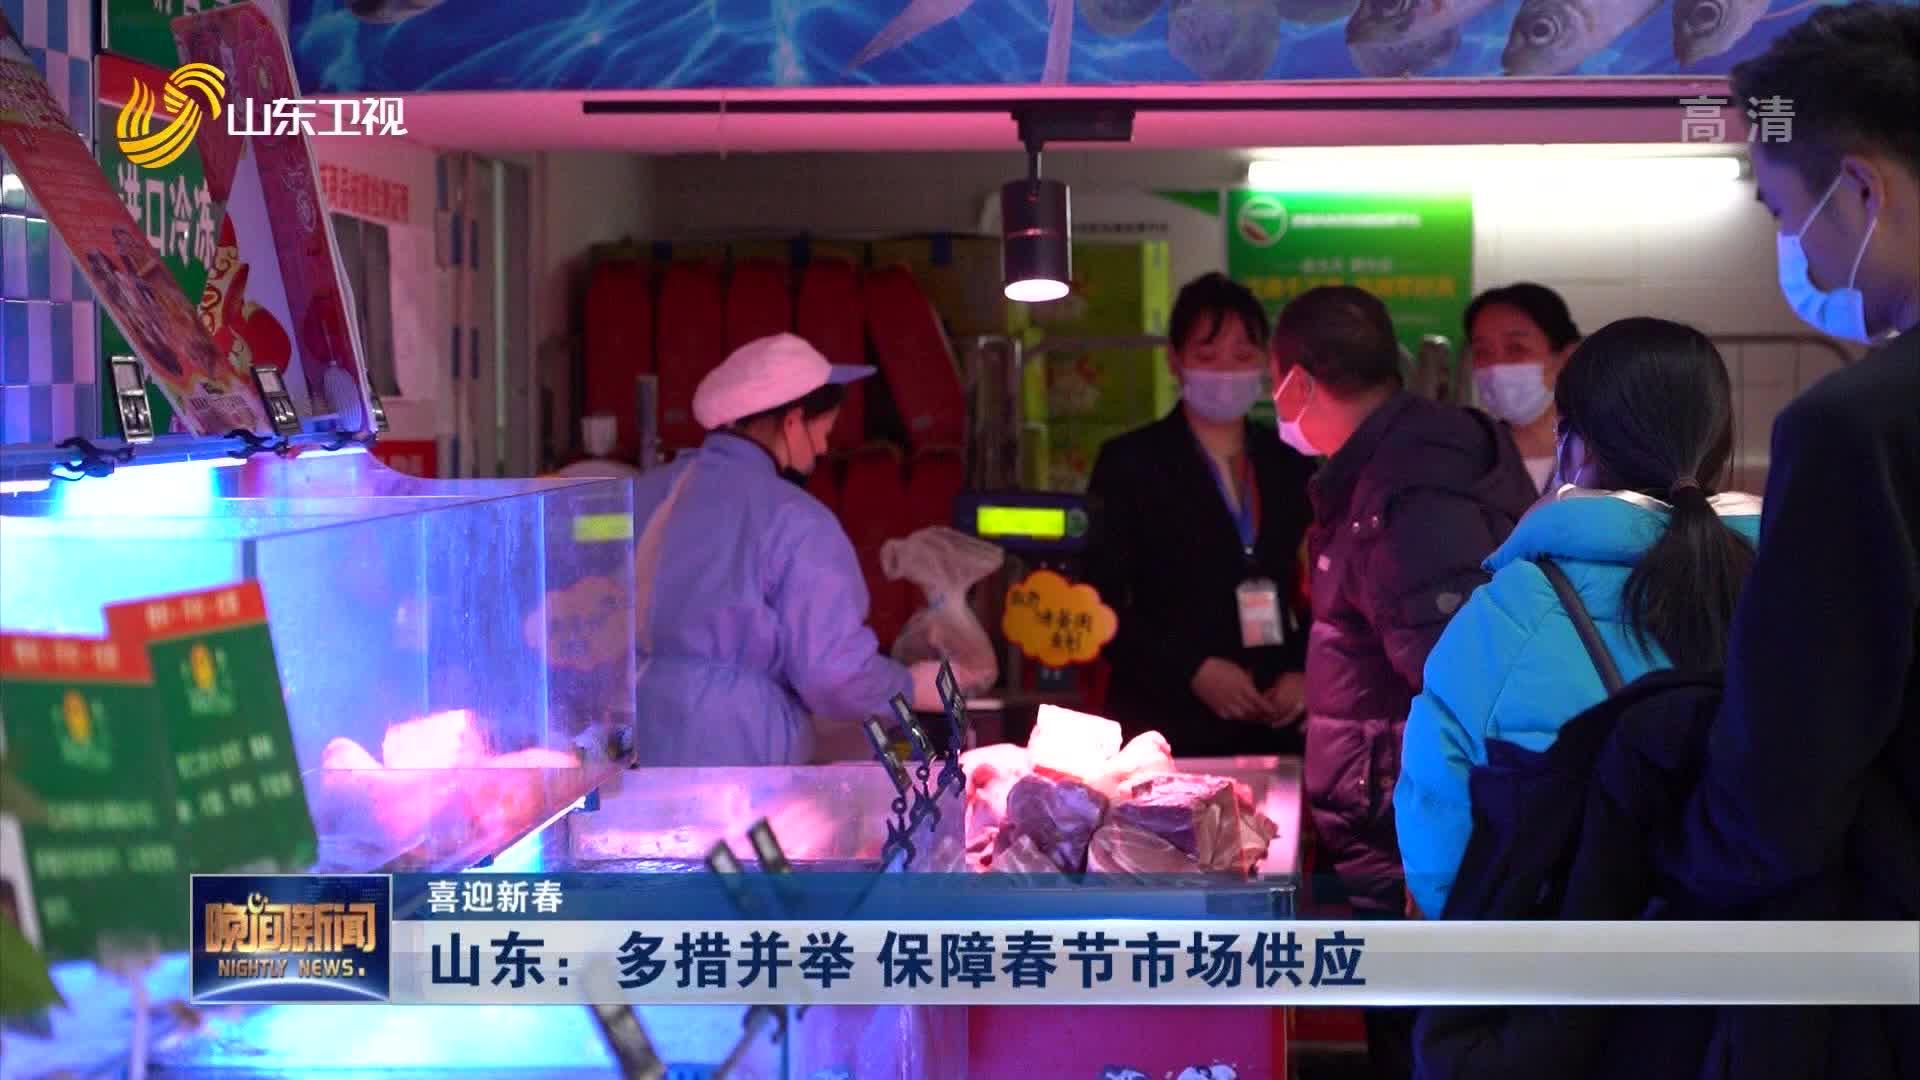 【喜迎新春】山东:多措并举 保障春节市场供应